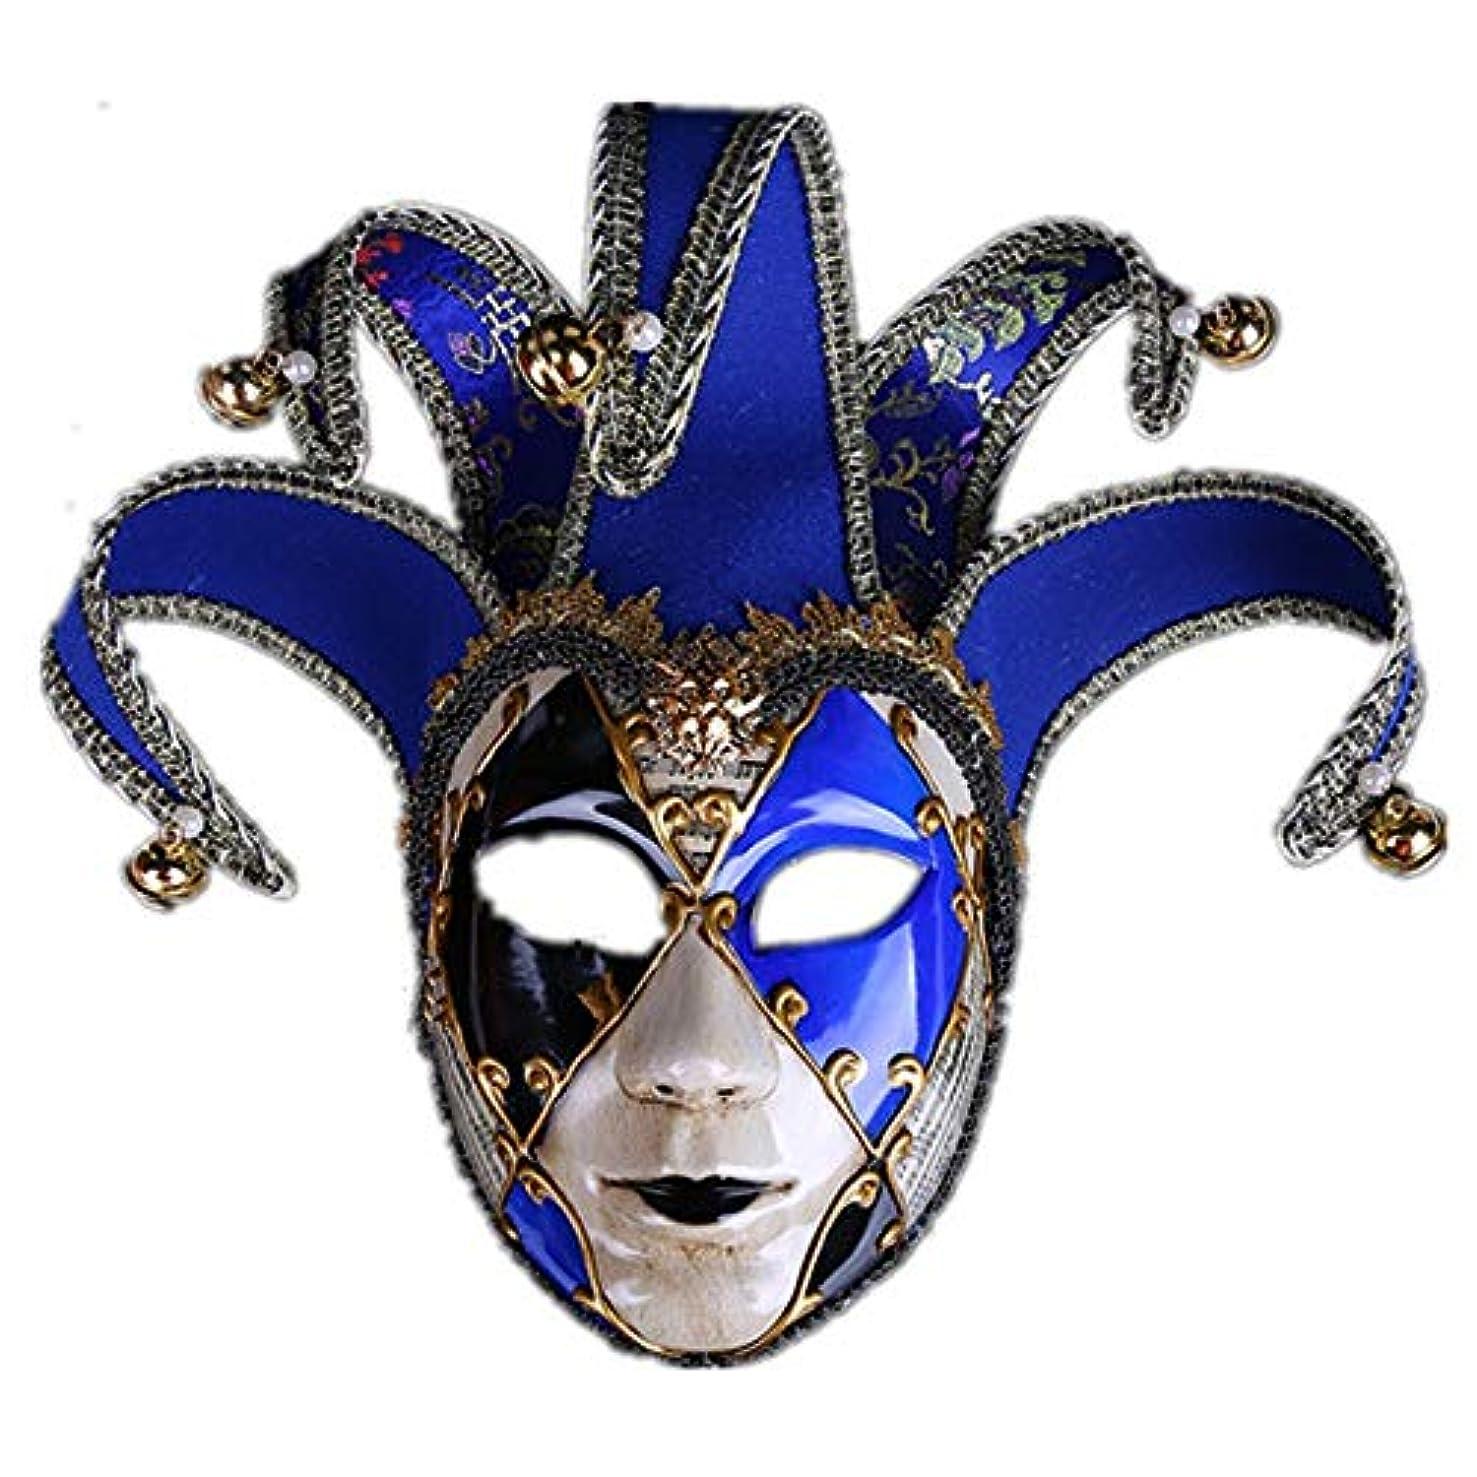 かんがいアレイ認めるダンスマスク ハロウィーンパフォーマンスパフォーマンスマスクマスカレード雰囲気用品クリスマスホリデーパーティーボールハロウィーンカーニバル パーティーボールマスク (色 : 青, サイズ : 45x15.8cm)